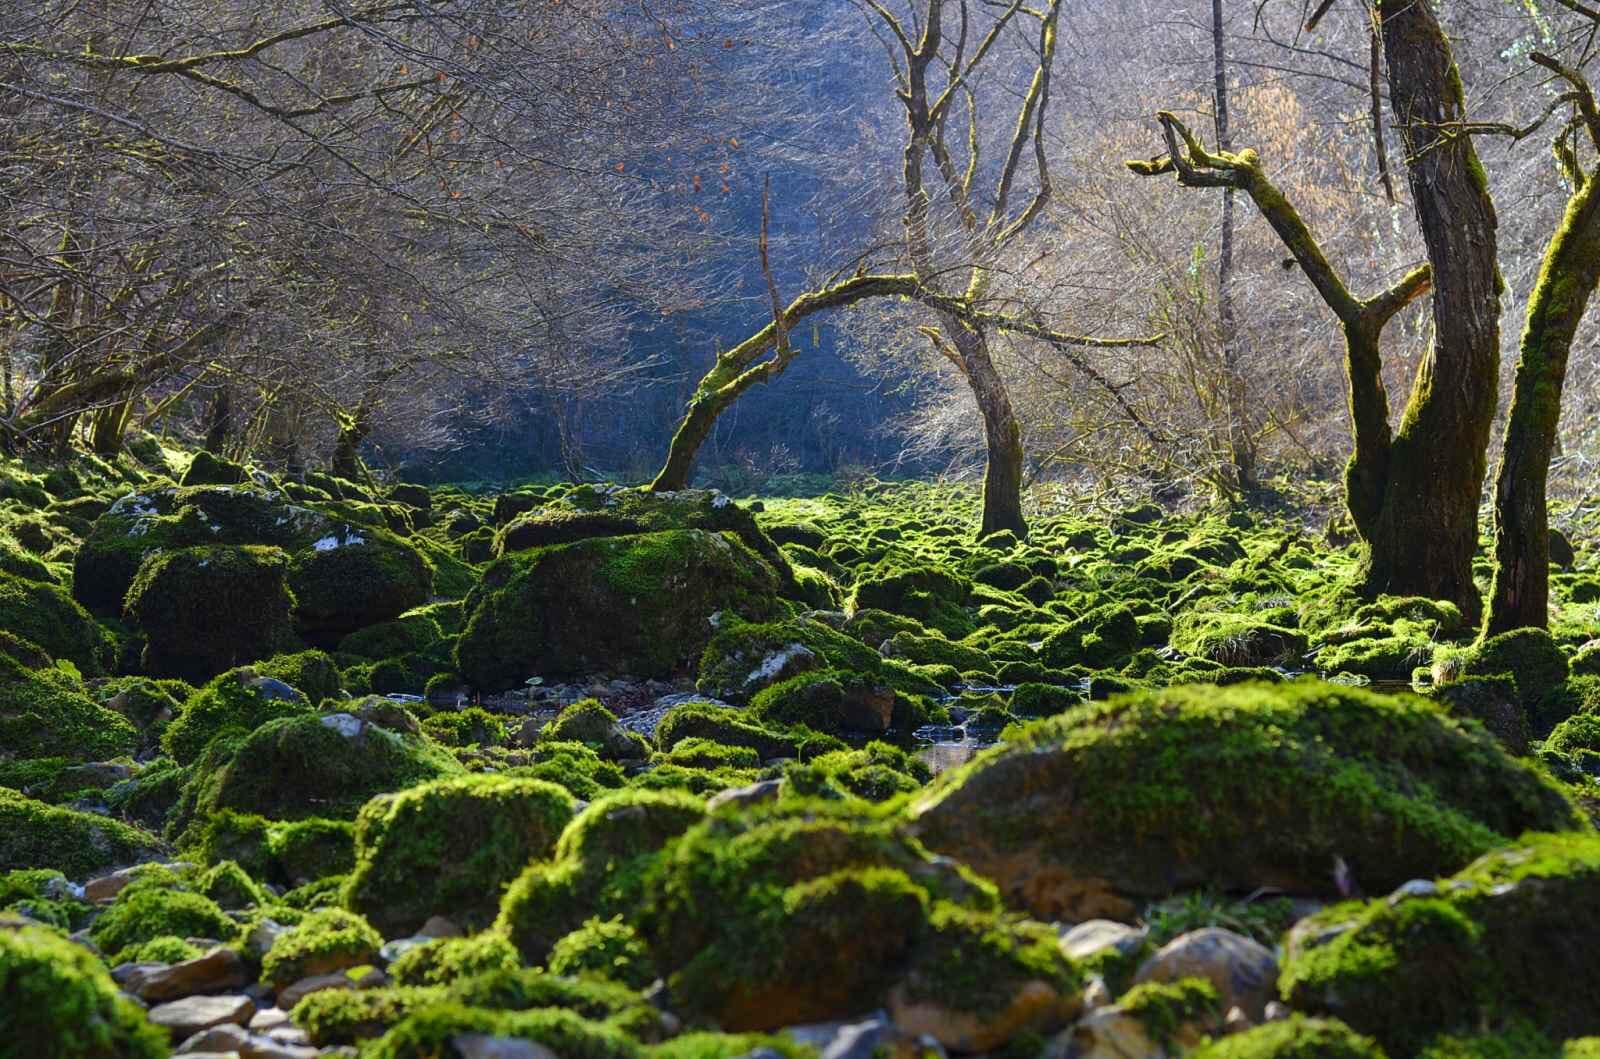 Savršene fotografije prirode koja nas okružuje